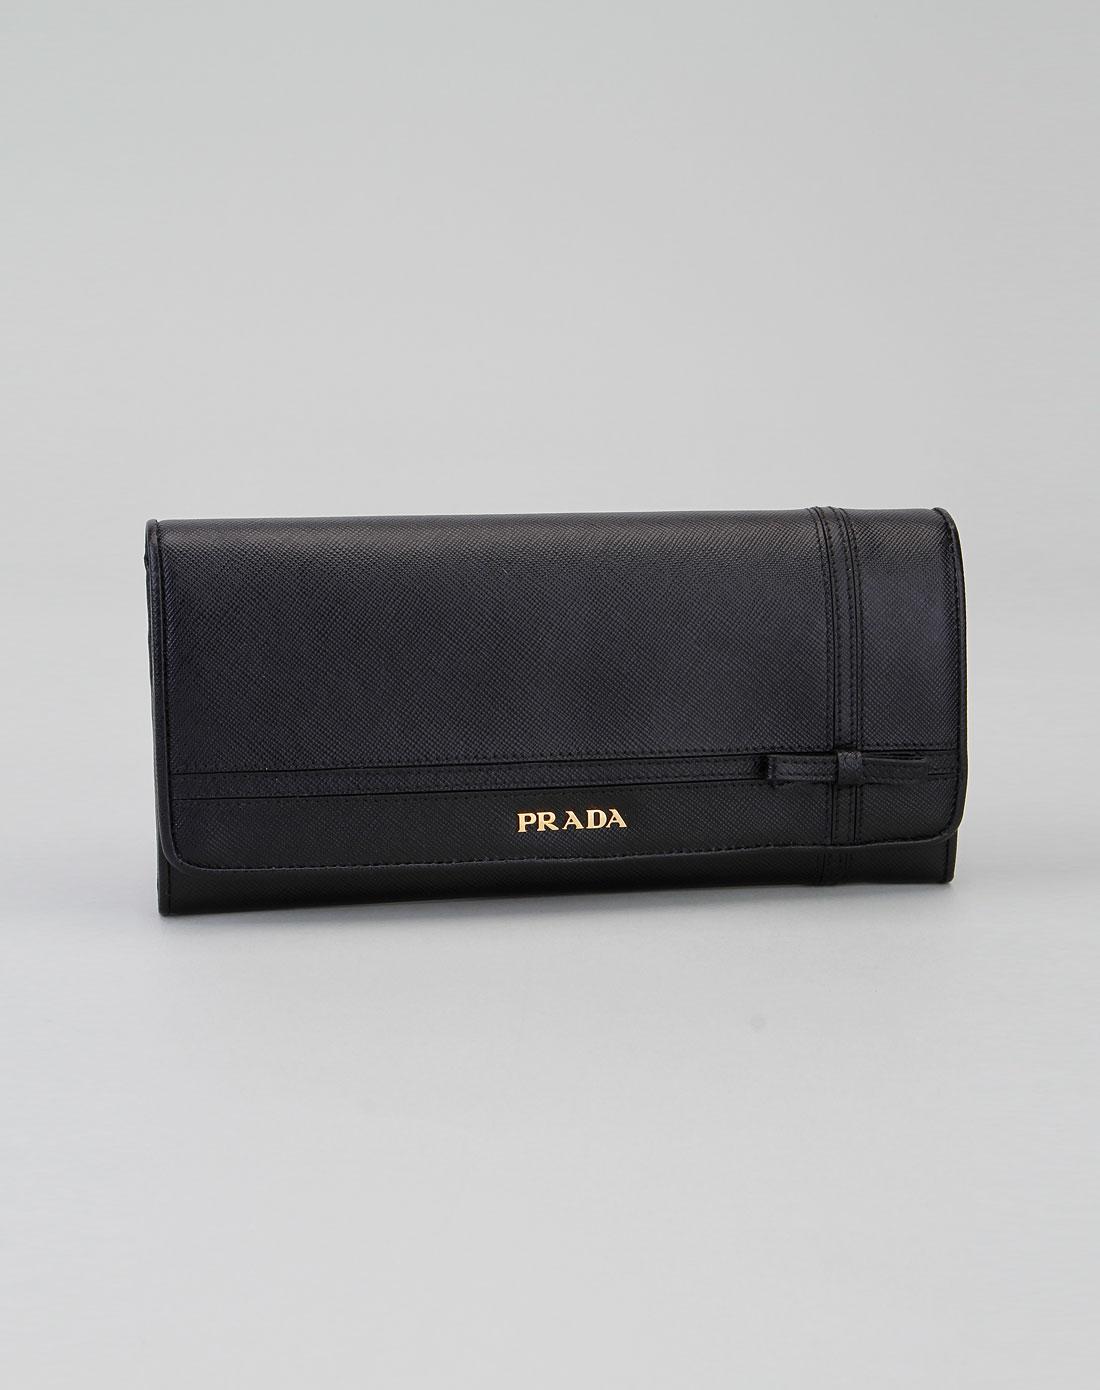 普拉达女钱包图片